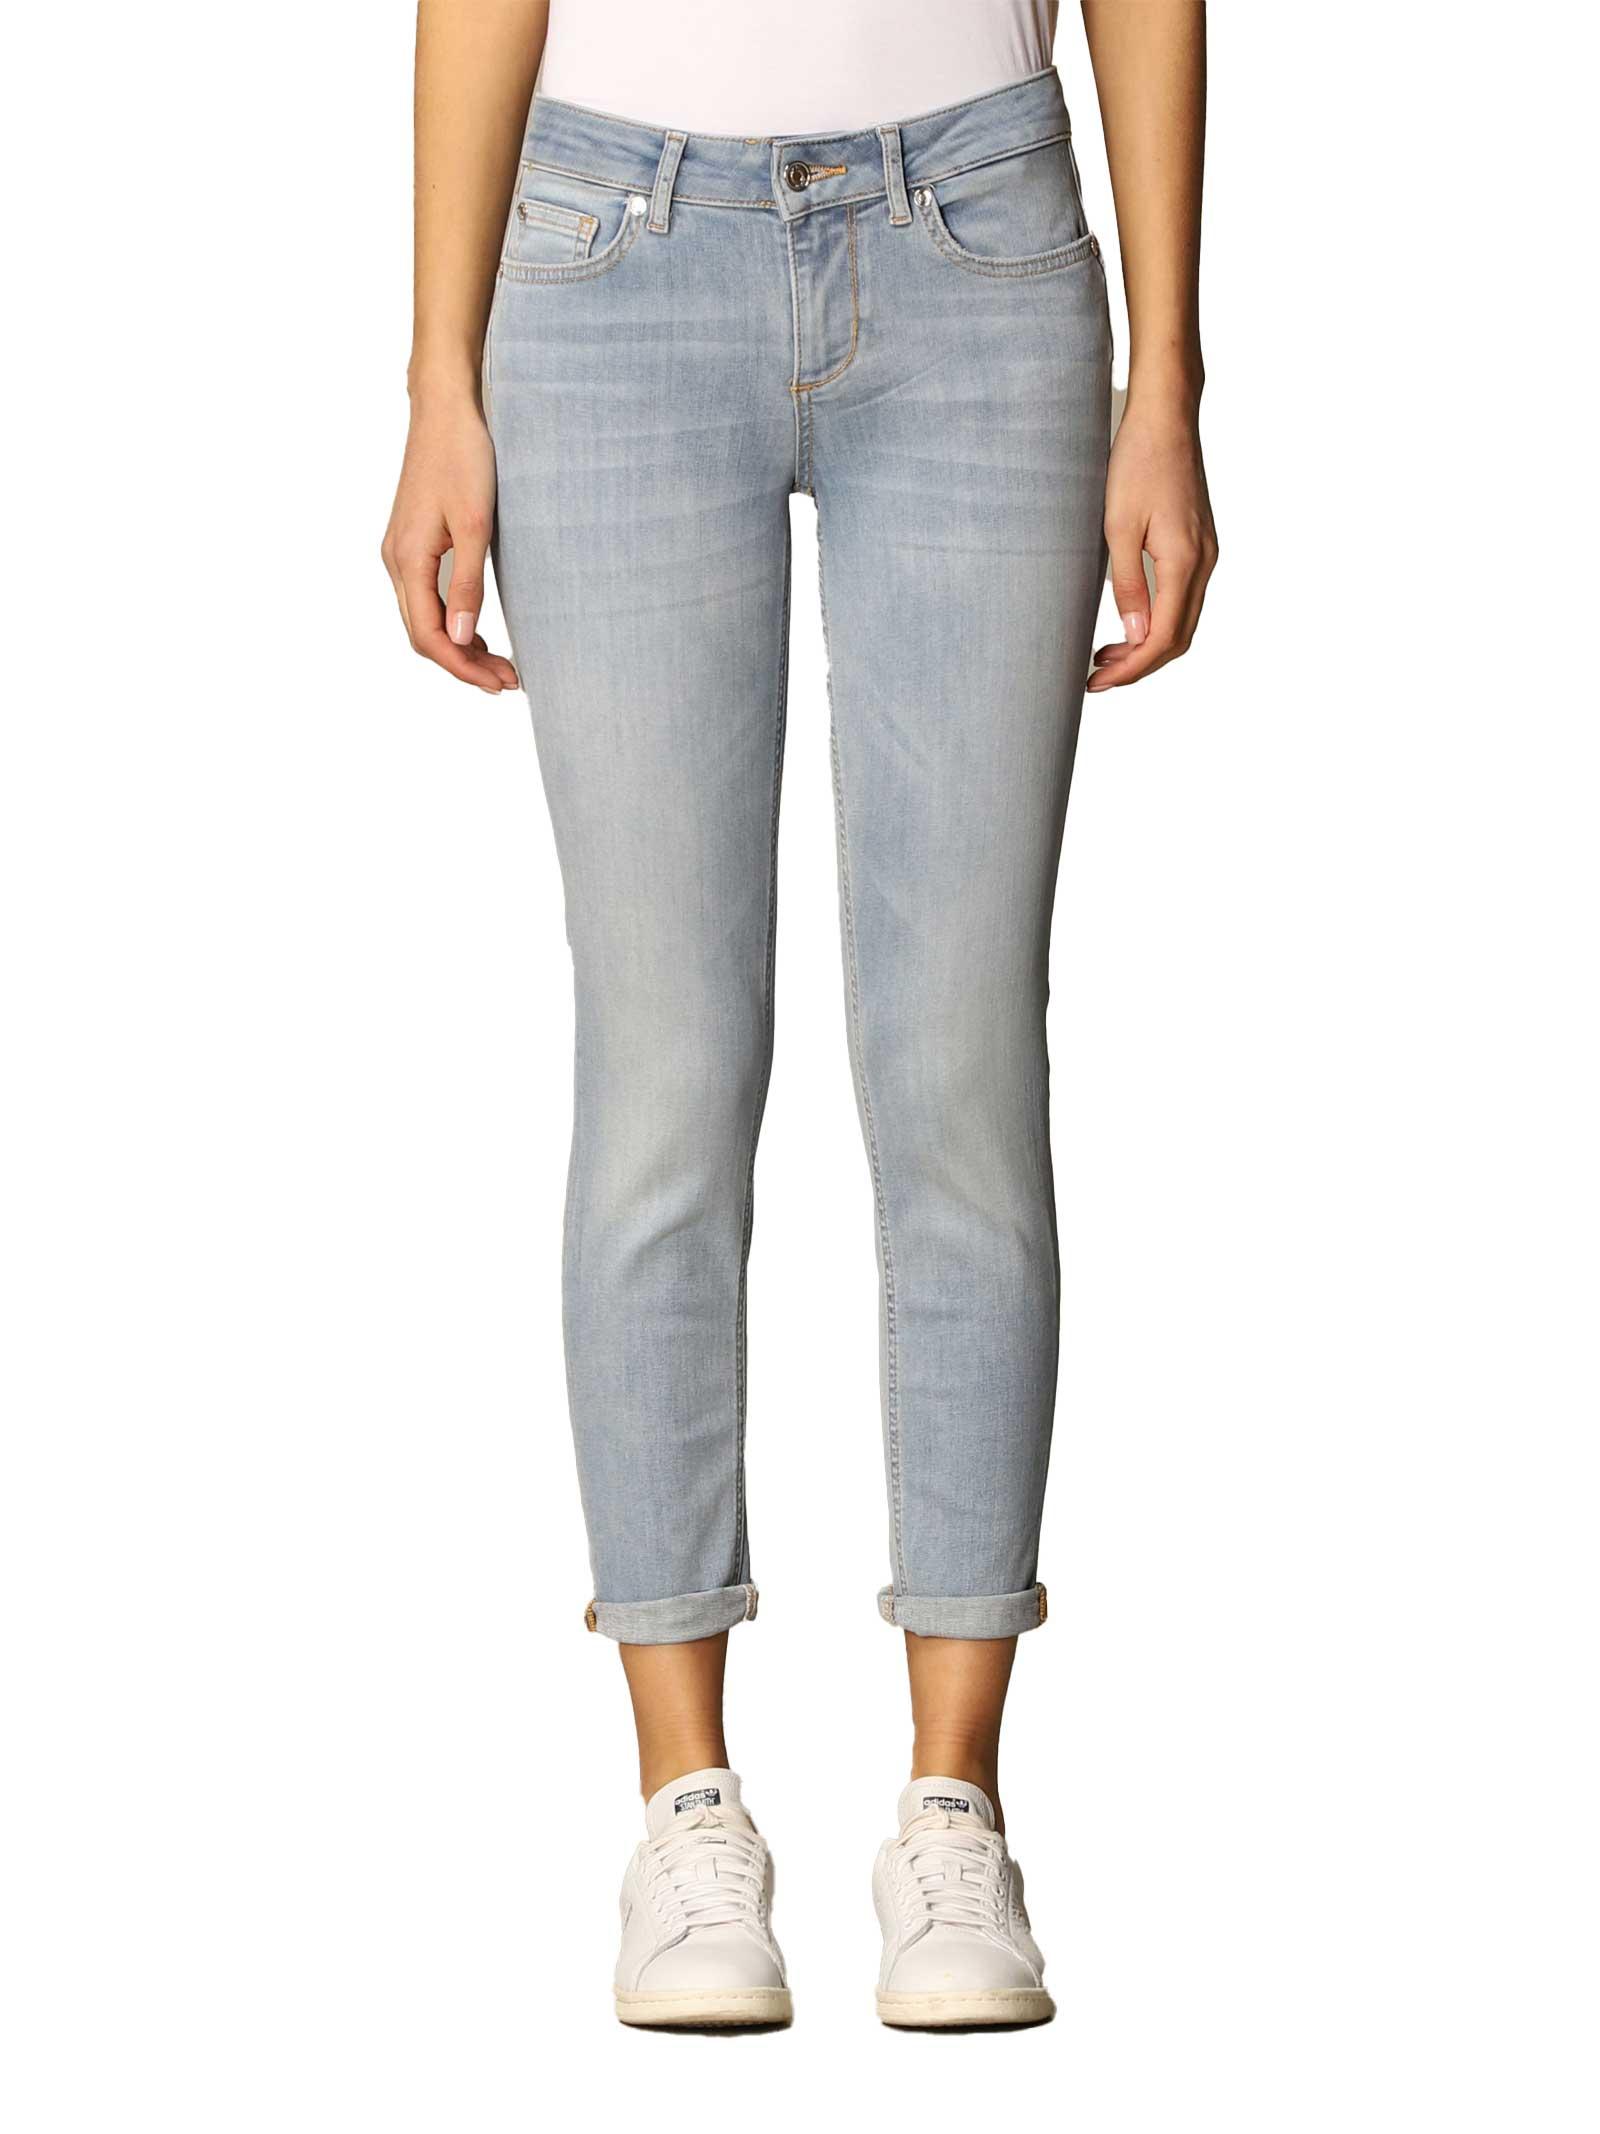 PANTALONE LIU JO LIU JO | Jeans | UA1006-D461178208